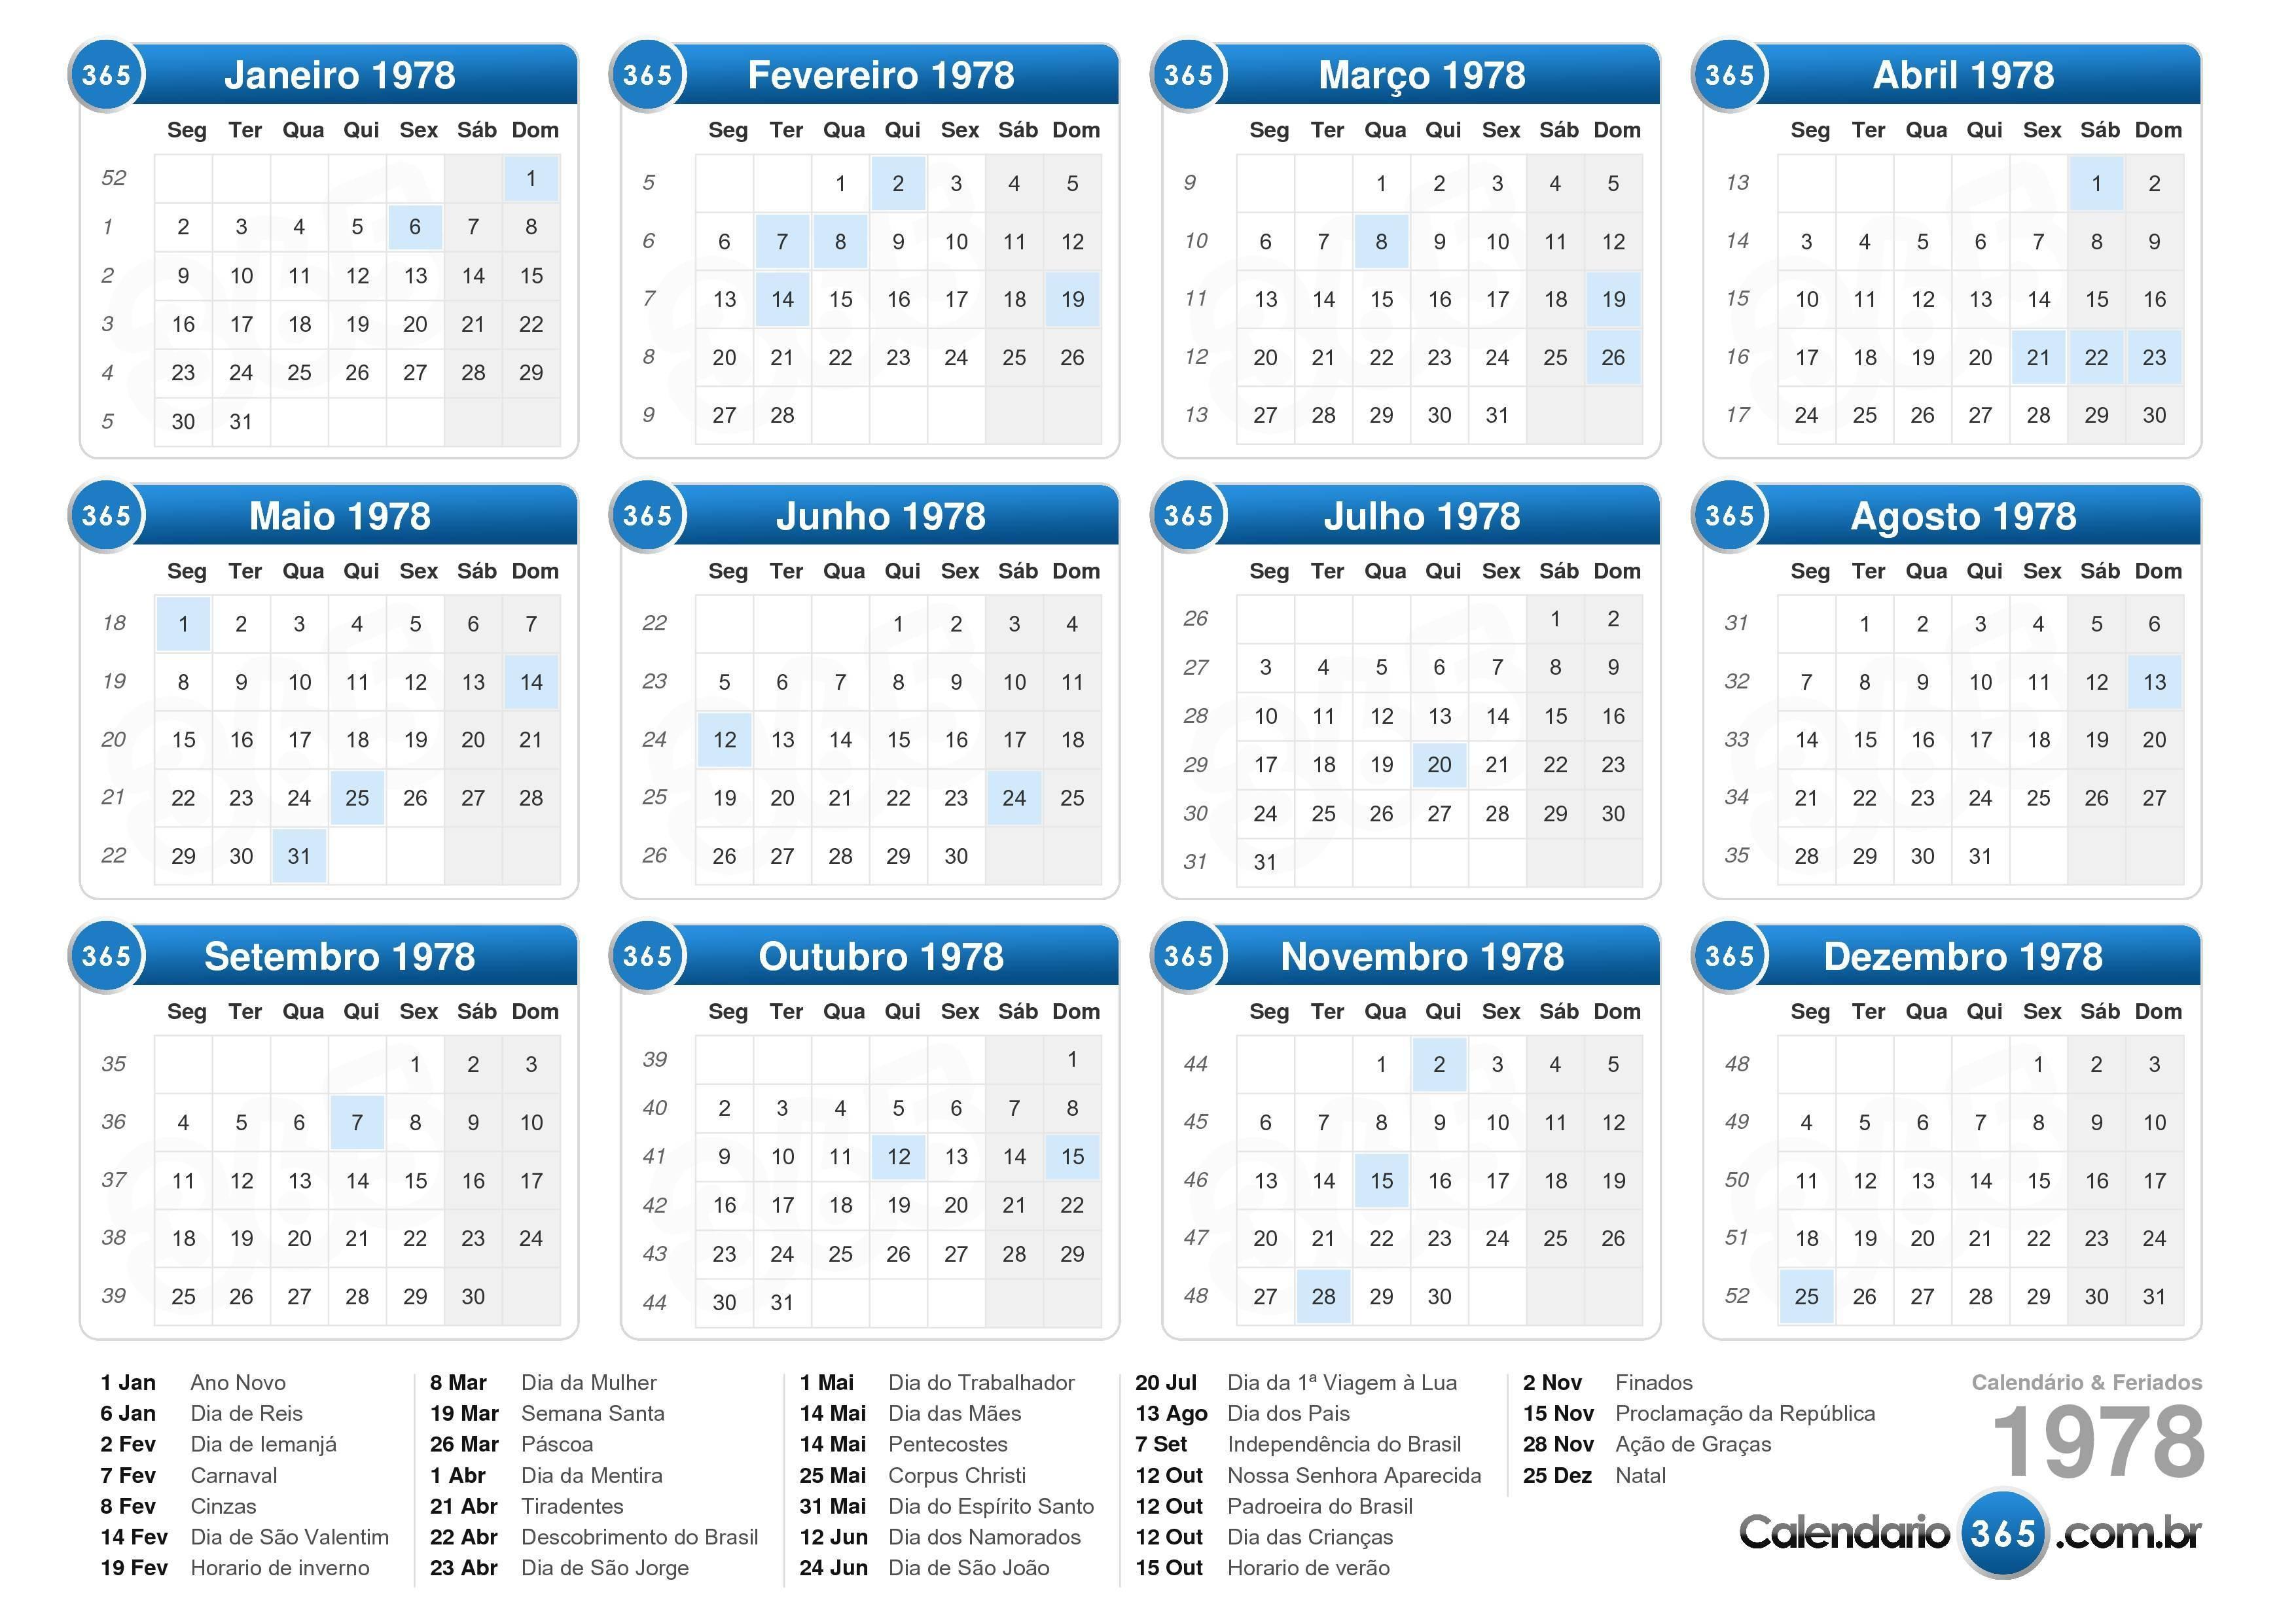 Calendário 2019 Vetor Brasil Más Reciente Calendario Novembro 2018 Imprimir T Of Calendário 2019 Vetor Brasil Más Caliente Calendrio Abril 2018 Infantil T Calendario 2018